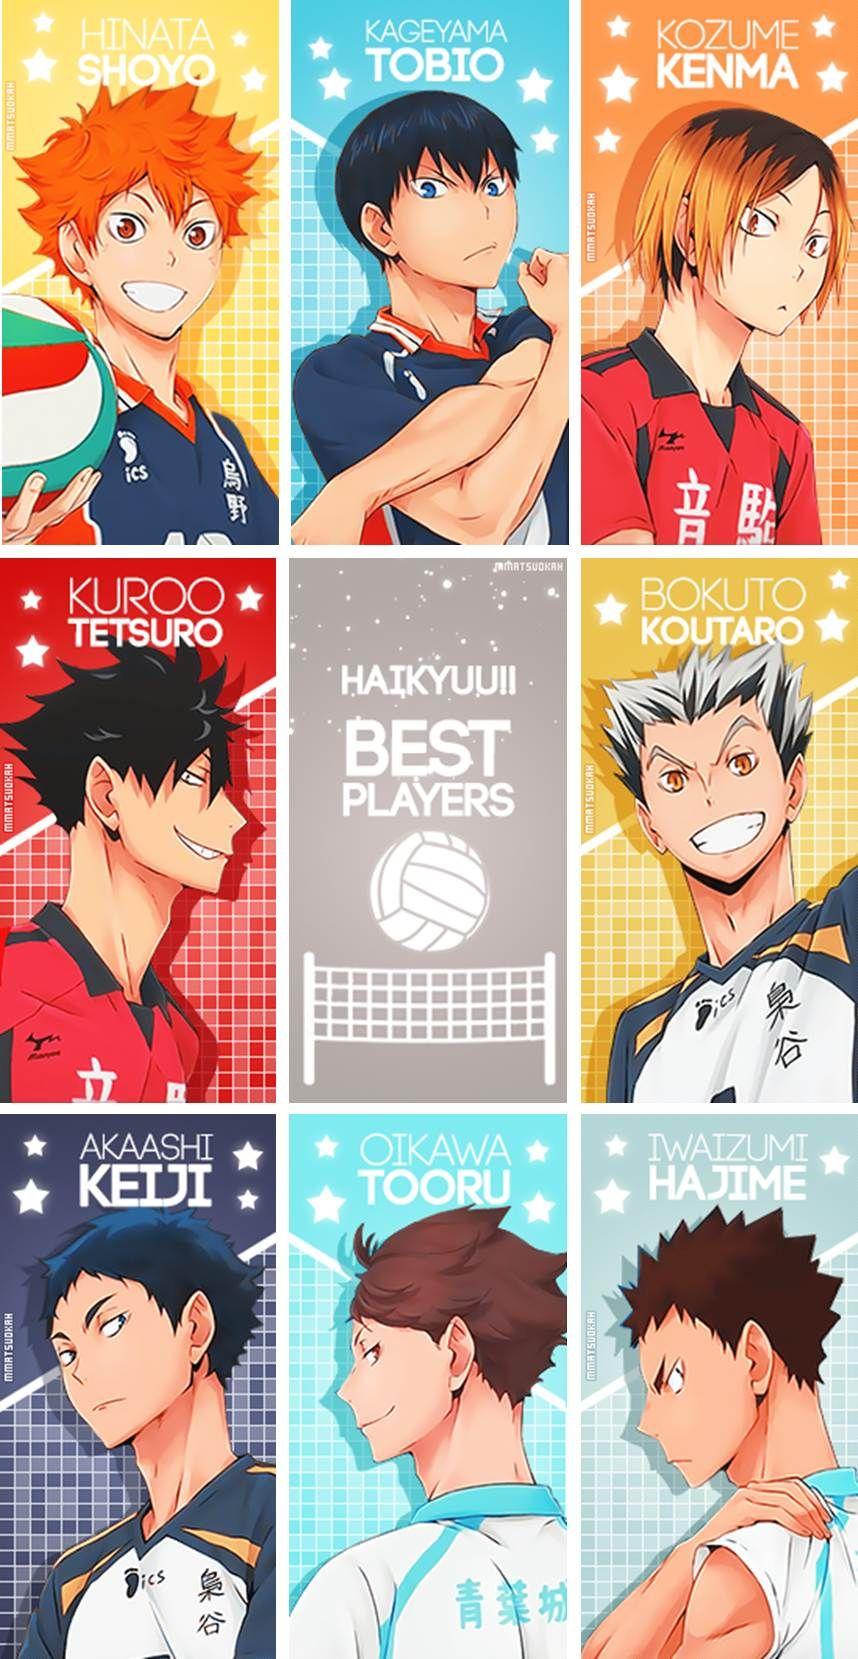 Haikyuu Boys Haikyuu Anime Personagens De Anime